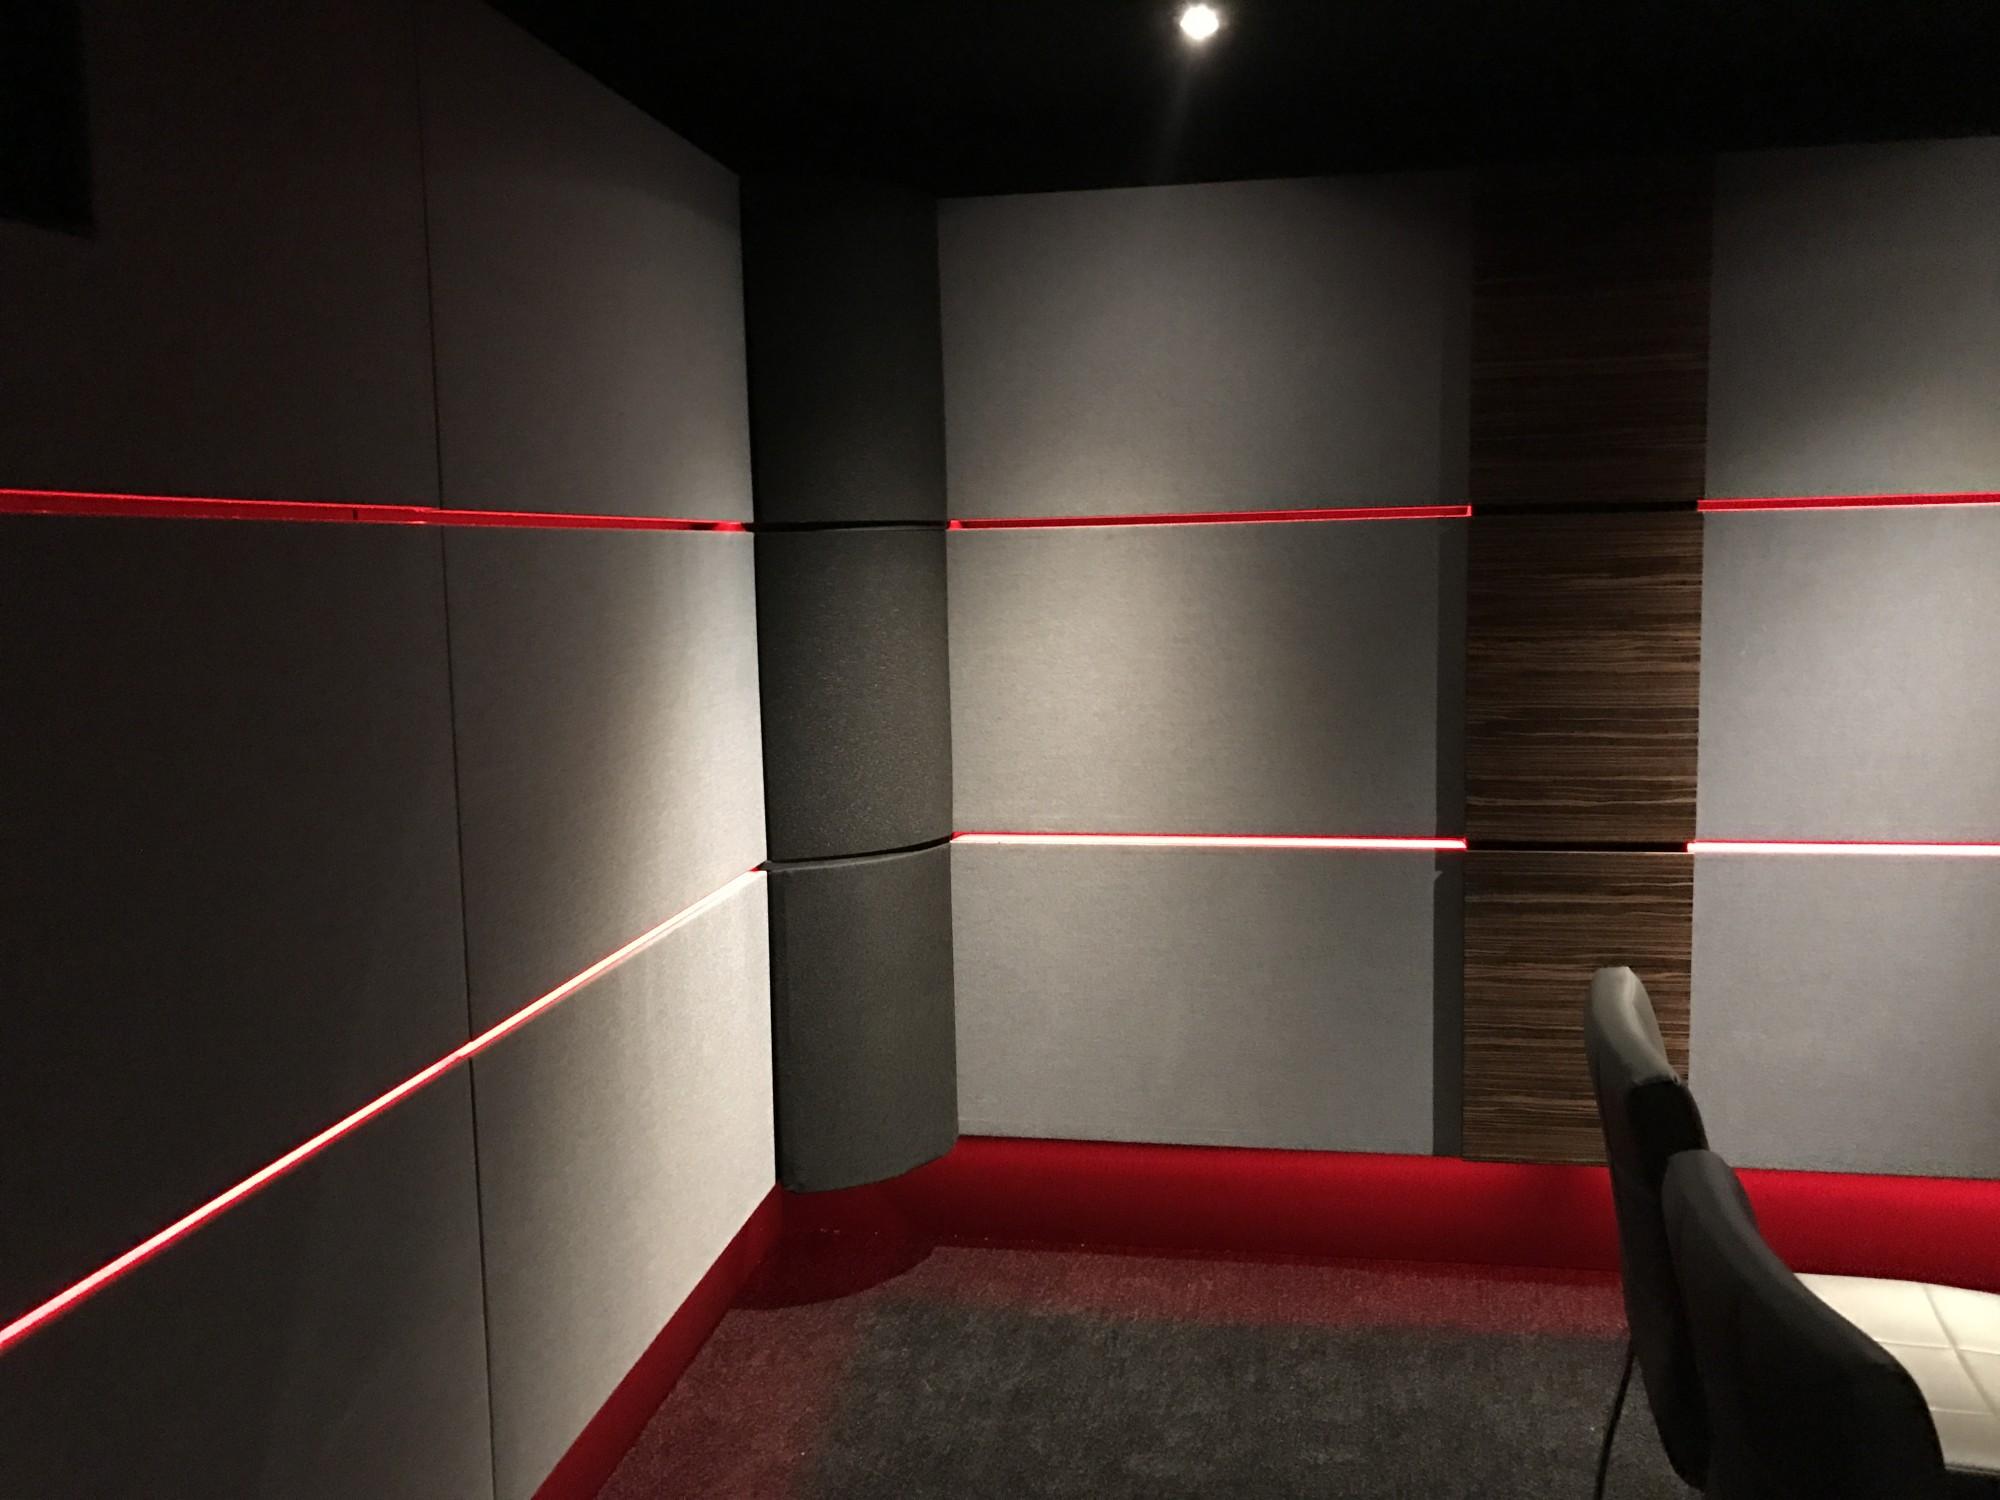 Spécialiste en Traitement acoustique pour salle de cinema privé